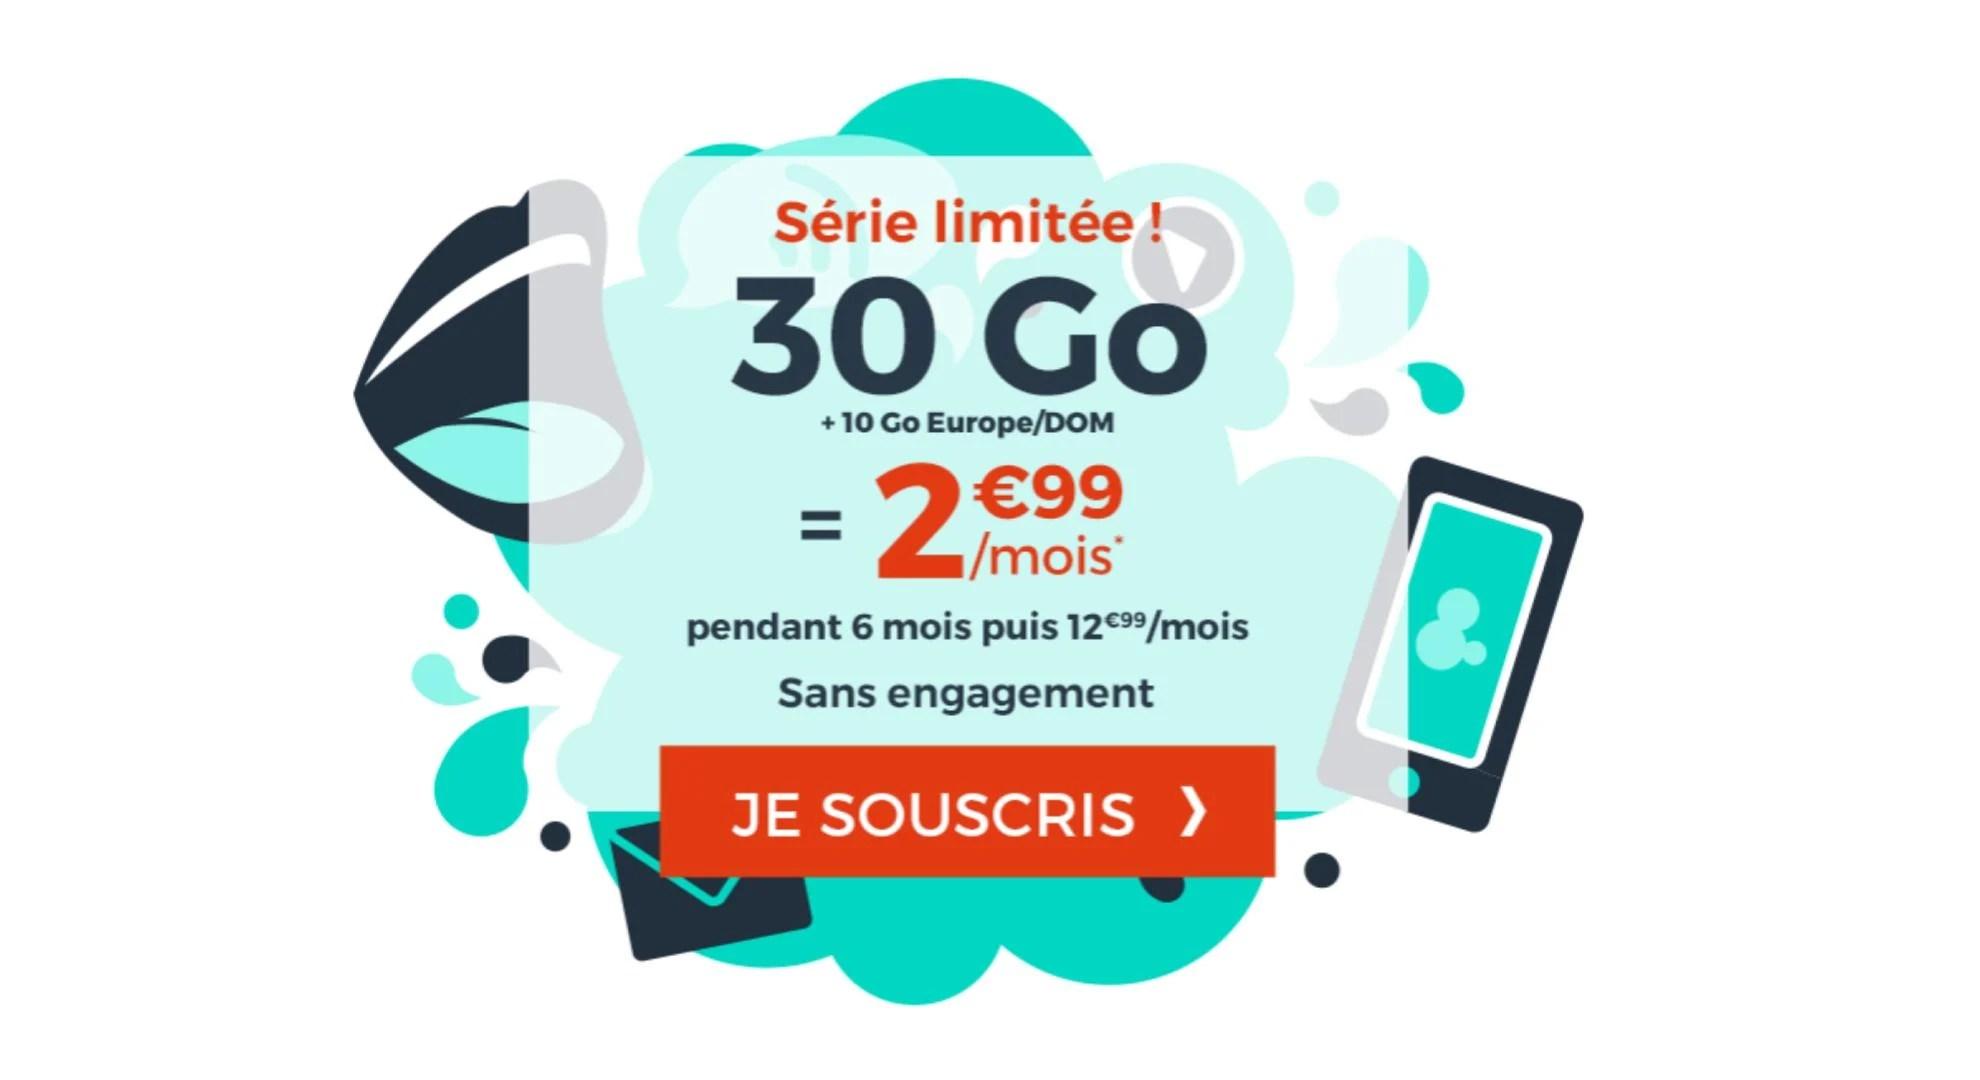 Derniers jours pour le forfait mobile 30 Go à 2,99 euros avec 10 Go en Europe/DOM